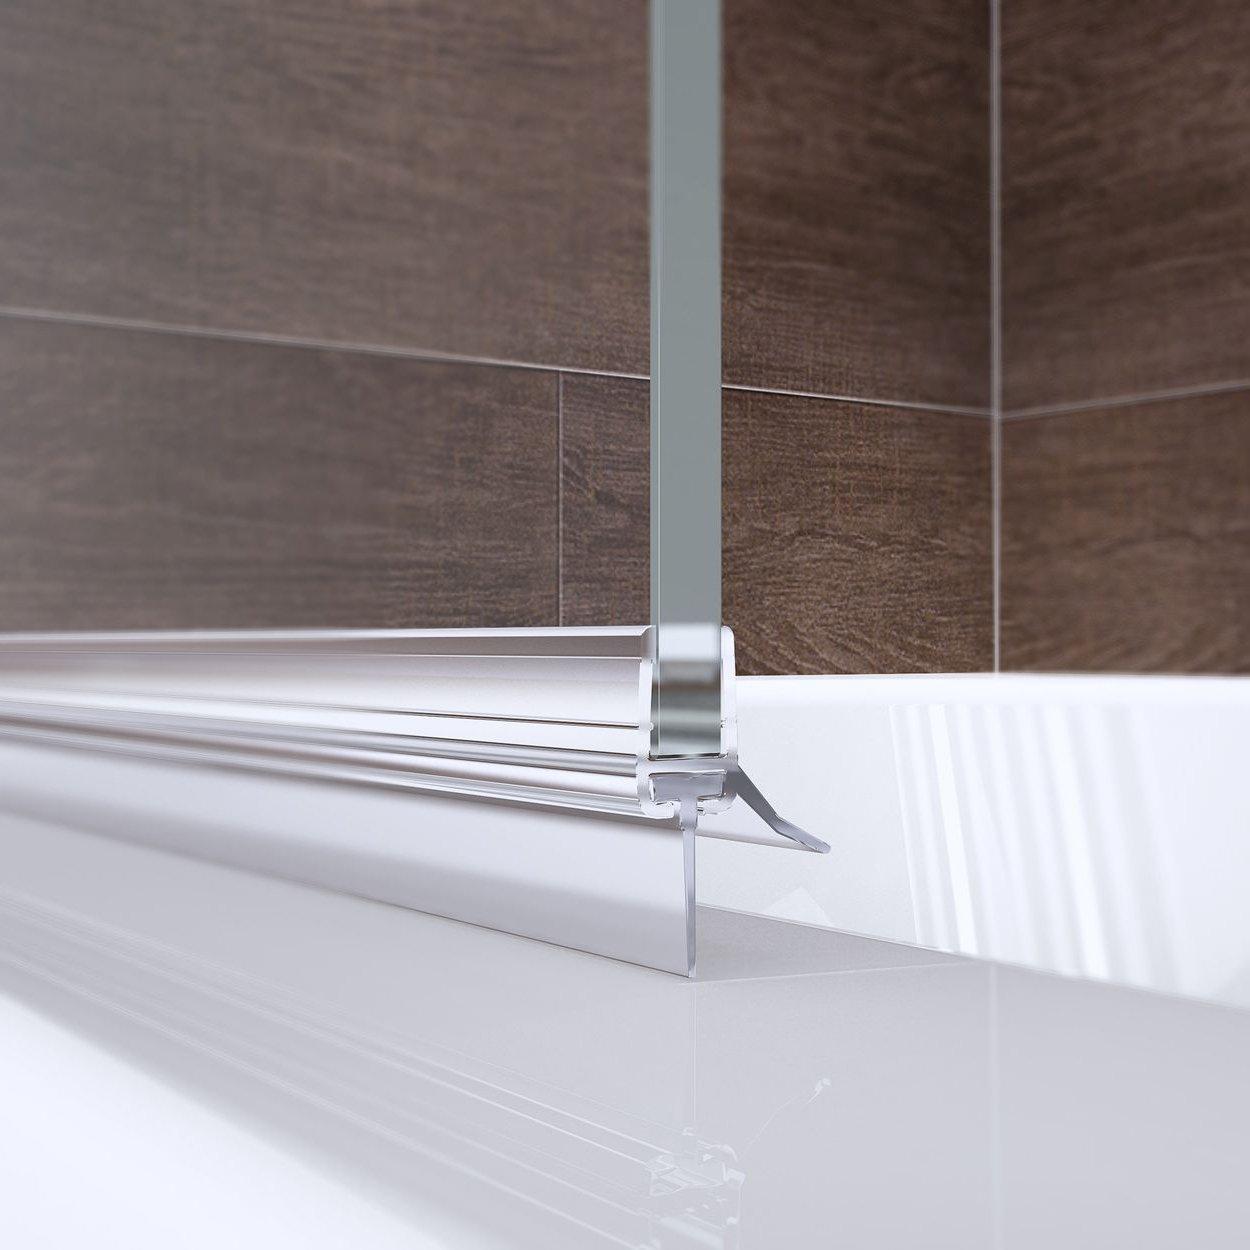 Schulte 4061164001711 ducha pared pendolo, bisagra izquierda, 2 piezas con fijo Element, cristal de seguridad transparente 6 mm, perfil Color, mampara para bañera, efecto cromo), 120 x 140 cm: Amazon.es: Bricolaje y herramientas